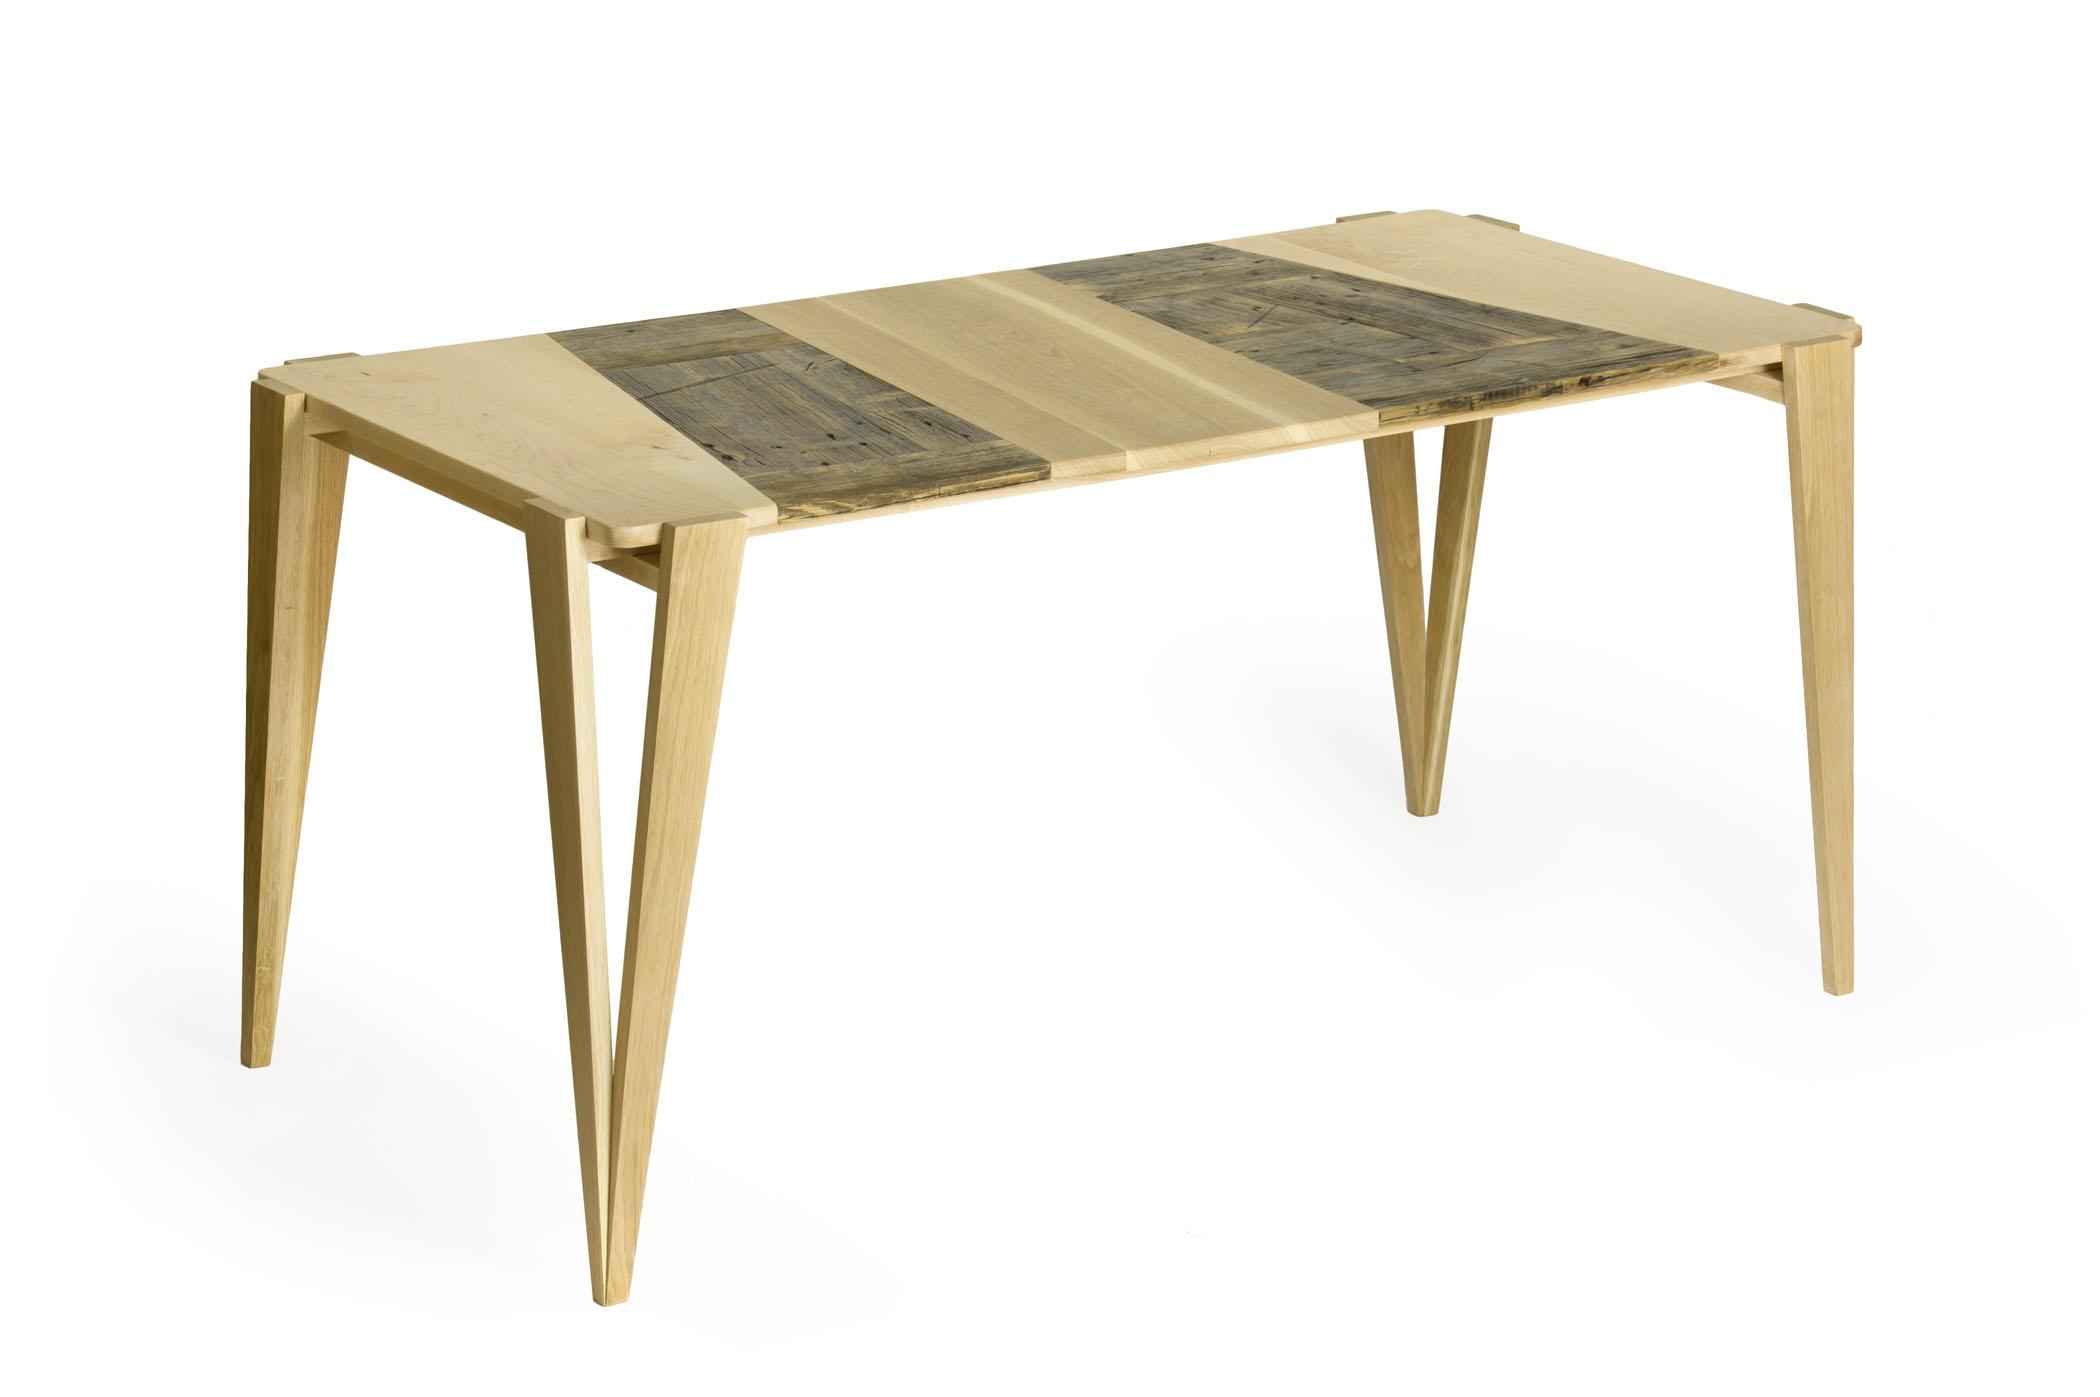 Il legno massello tra il tavolo contemporaneo laquercia21 - Tavolo contemporaneo ...